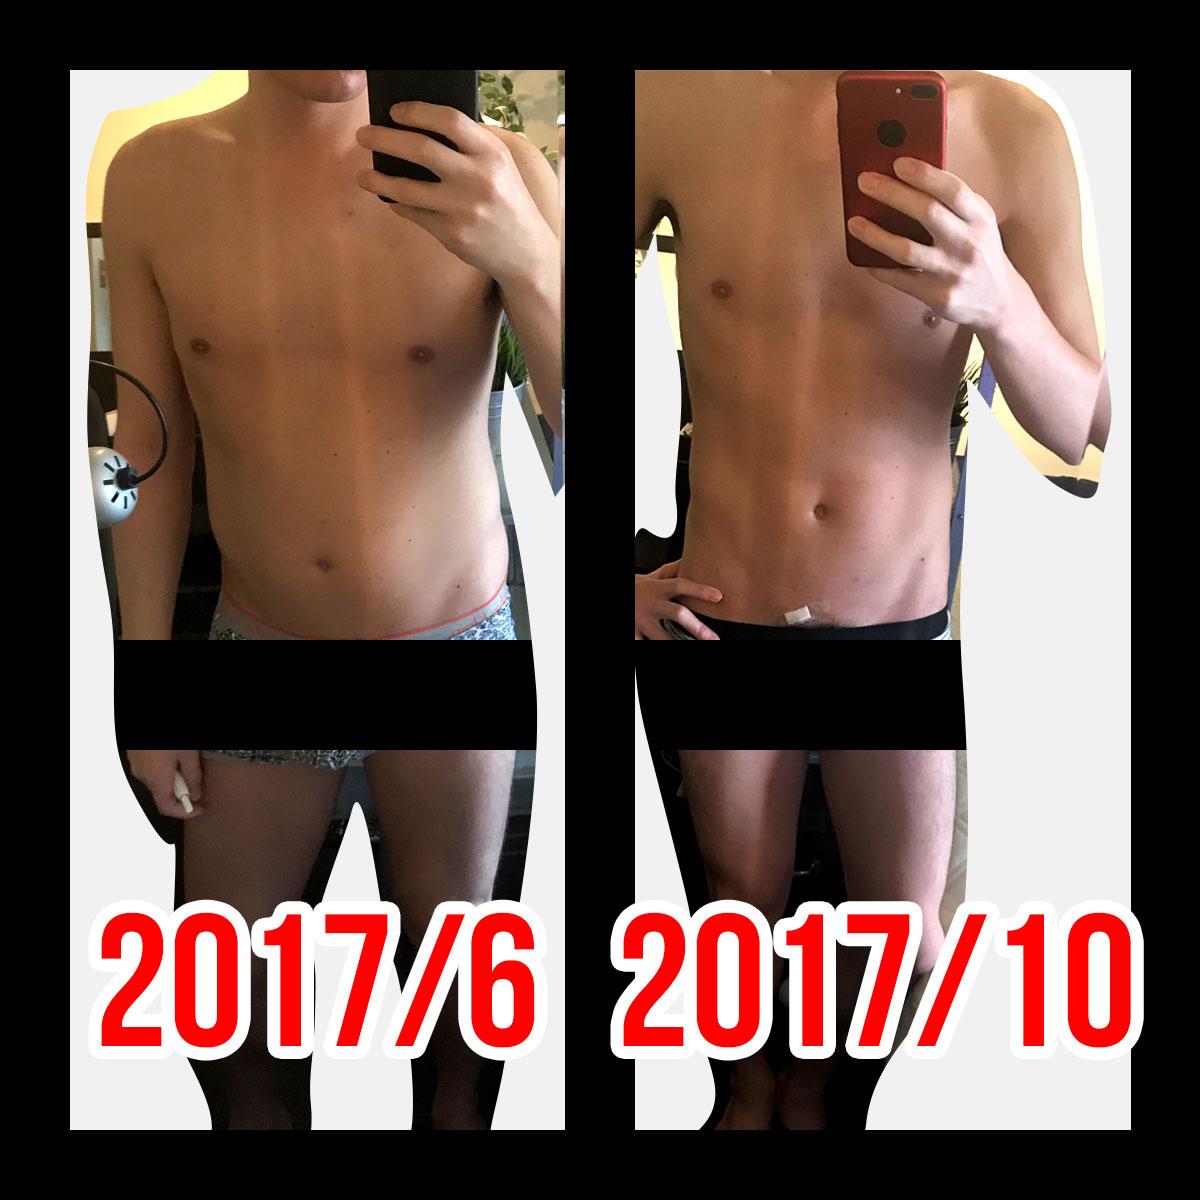 キロ 痩せる ヶ月 方法 10 2 で